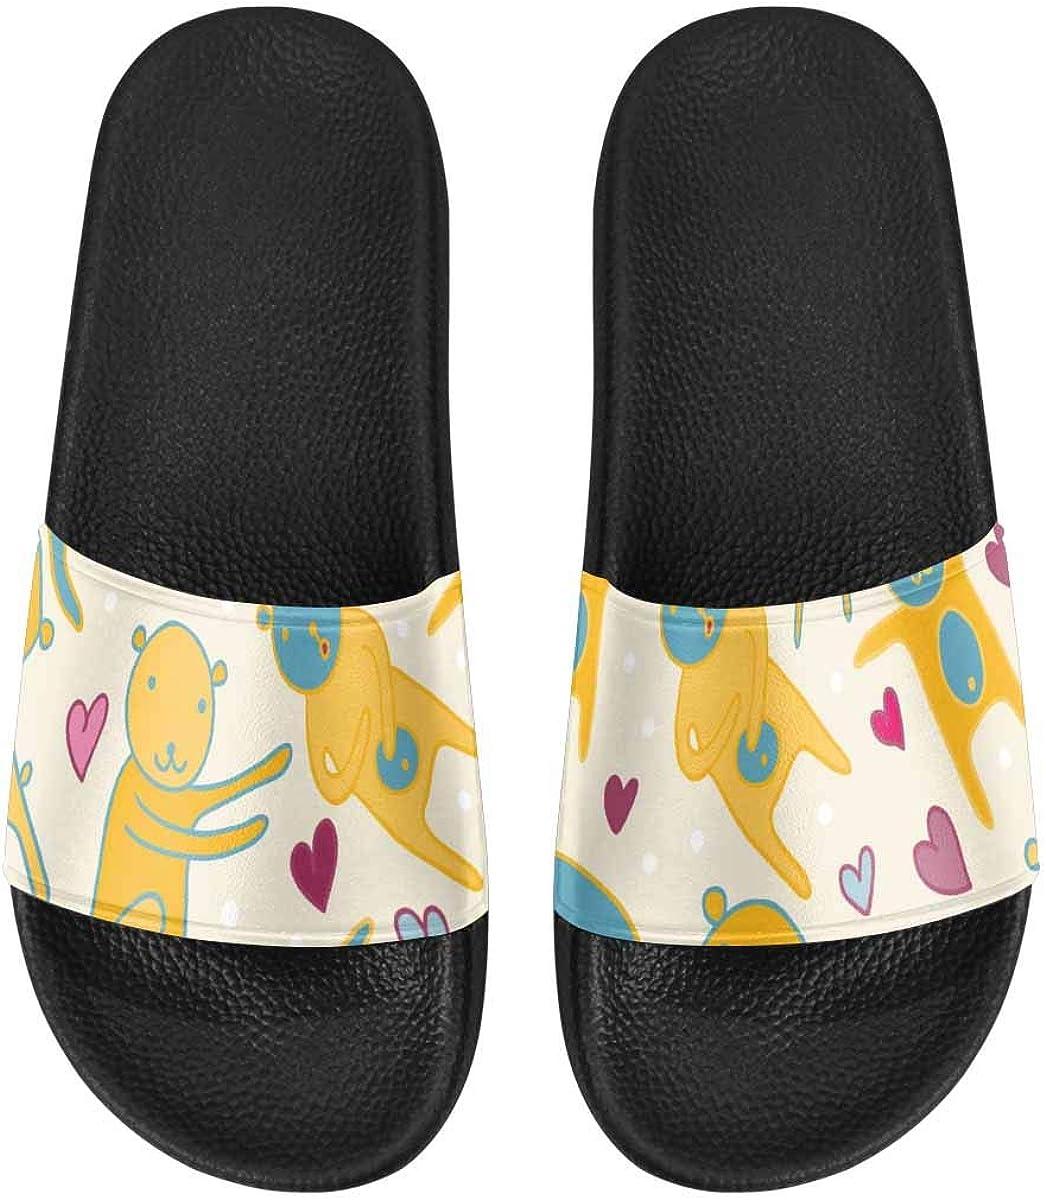 InterestPrint Women's Casual and Lightweight Slipper Sandals for Home Cute Teddy Bear